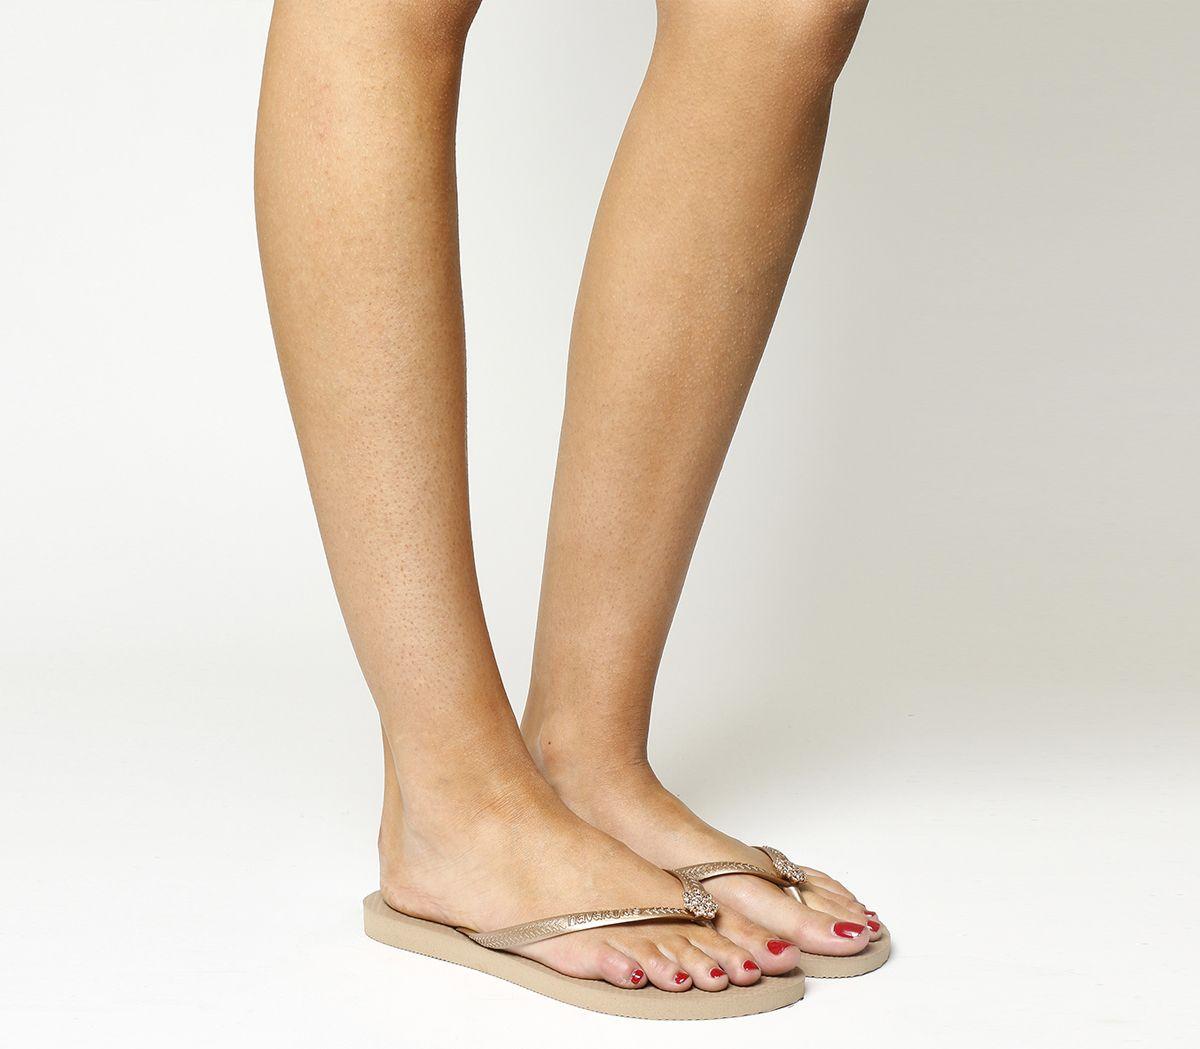 54e6d2f77 Havaianas Slim Crystal Poem Flip Flop Rose Gold - Sandals